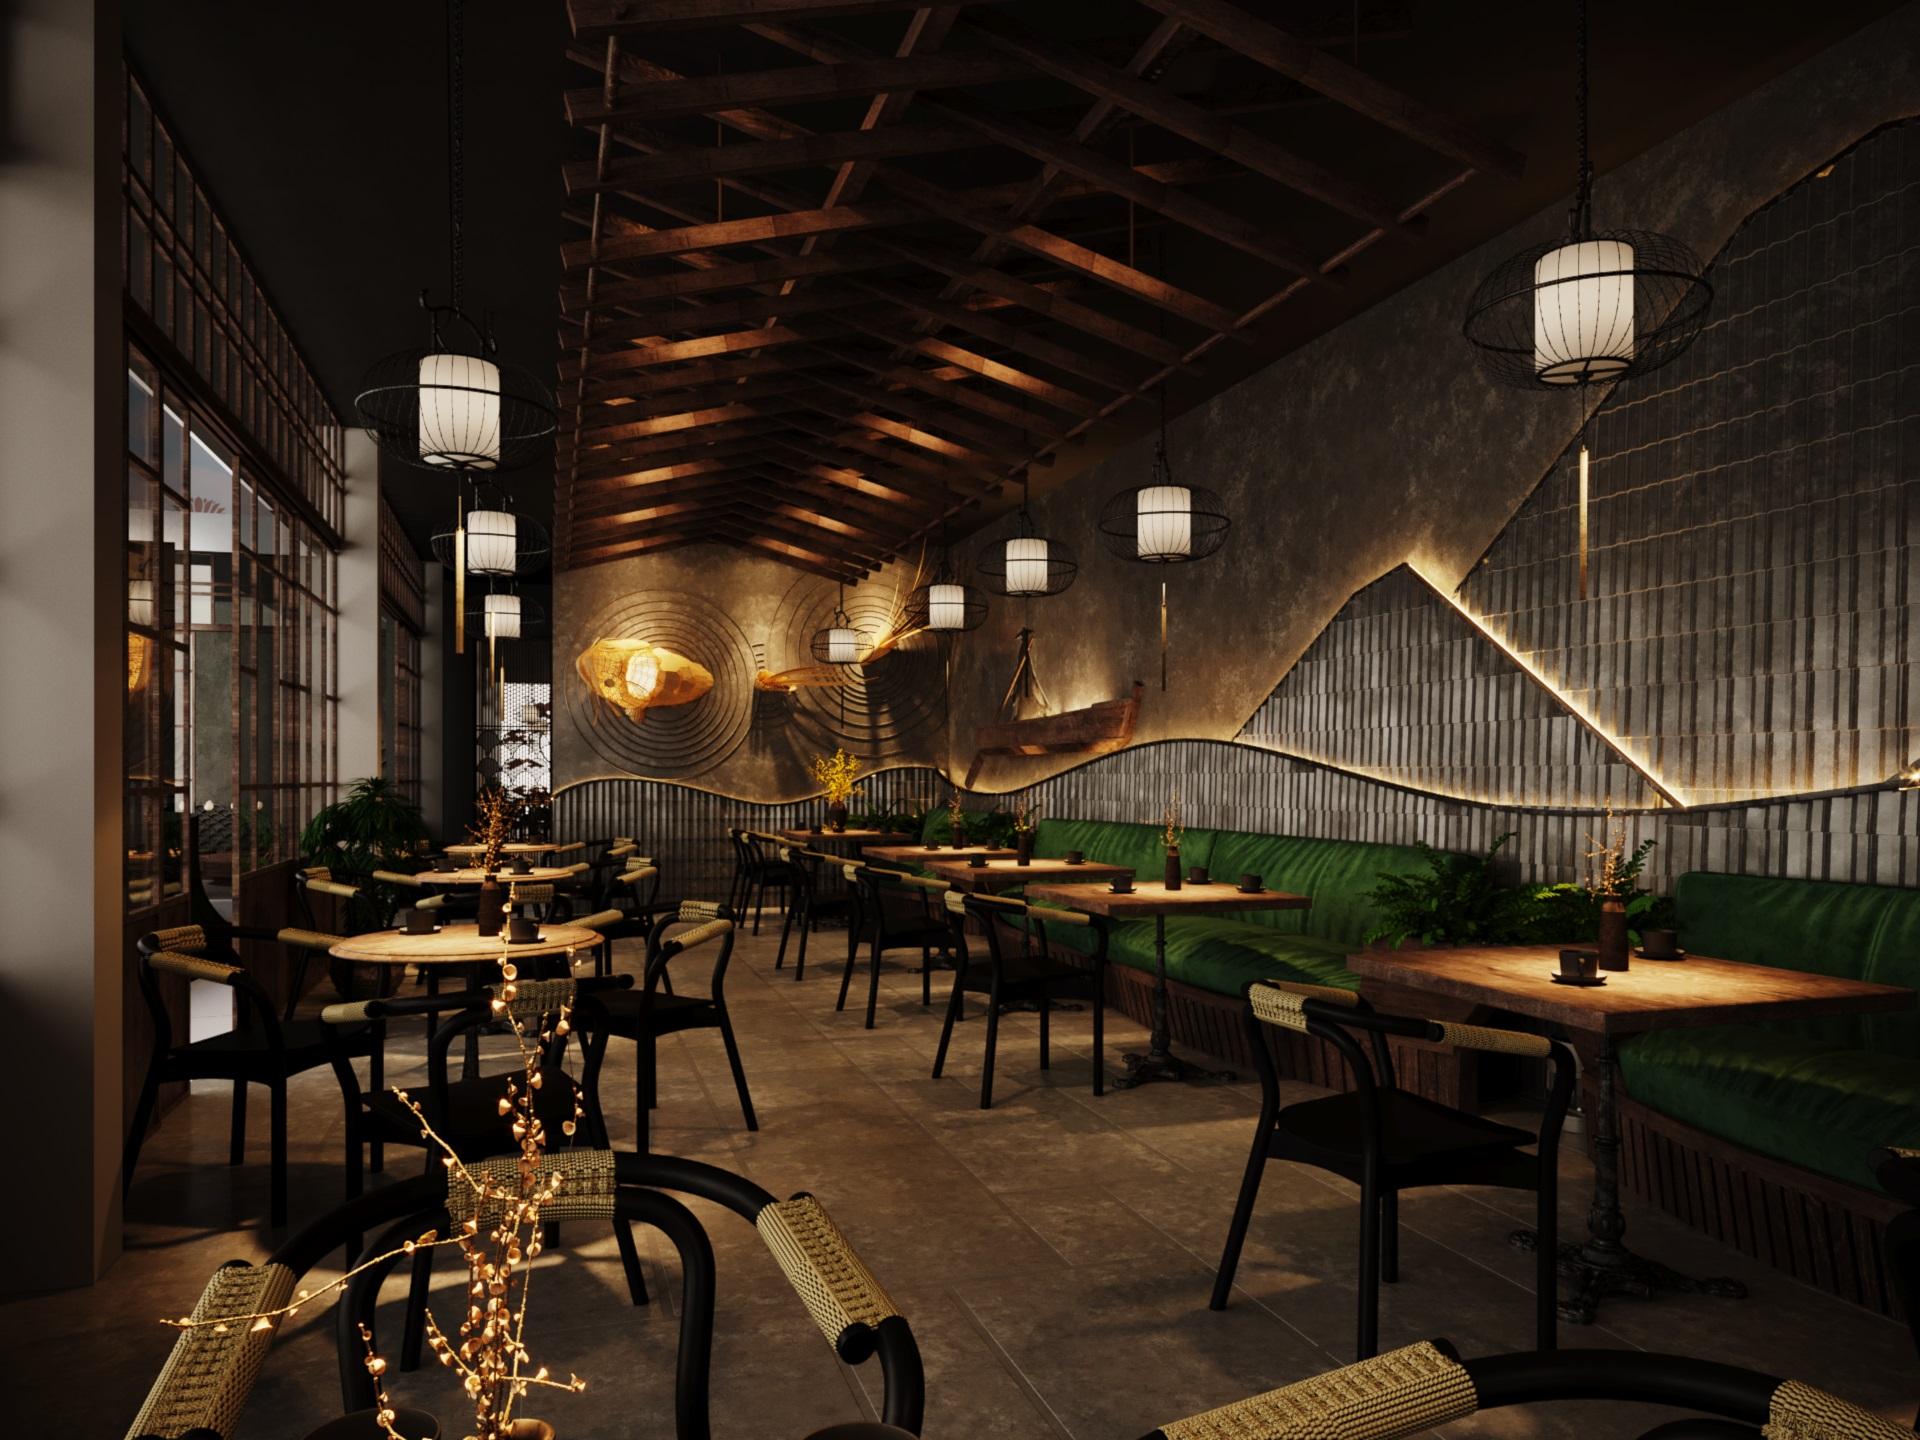 thiết kế nội thất Cafe tại Hà Nội caffee koi 26 1569649995